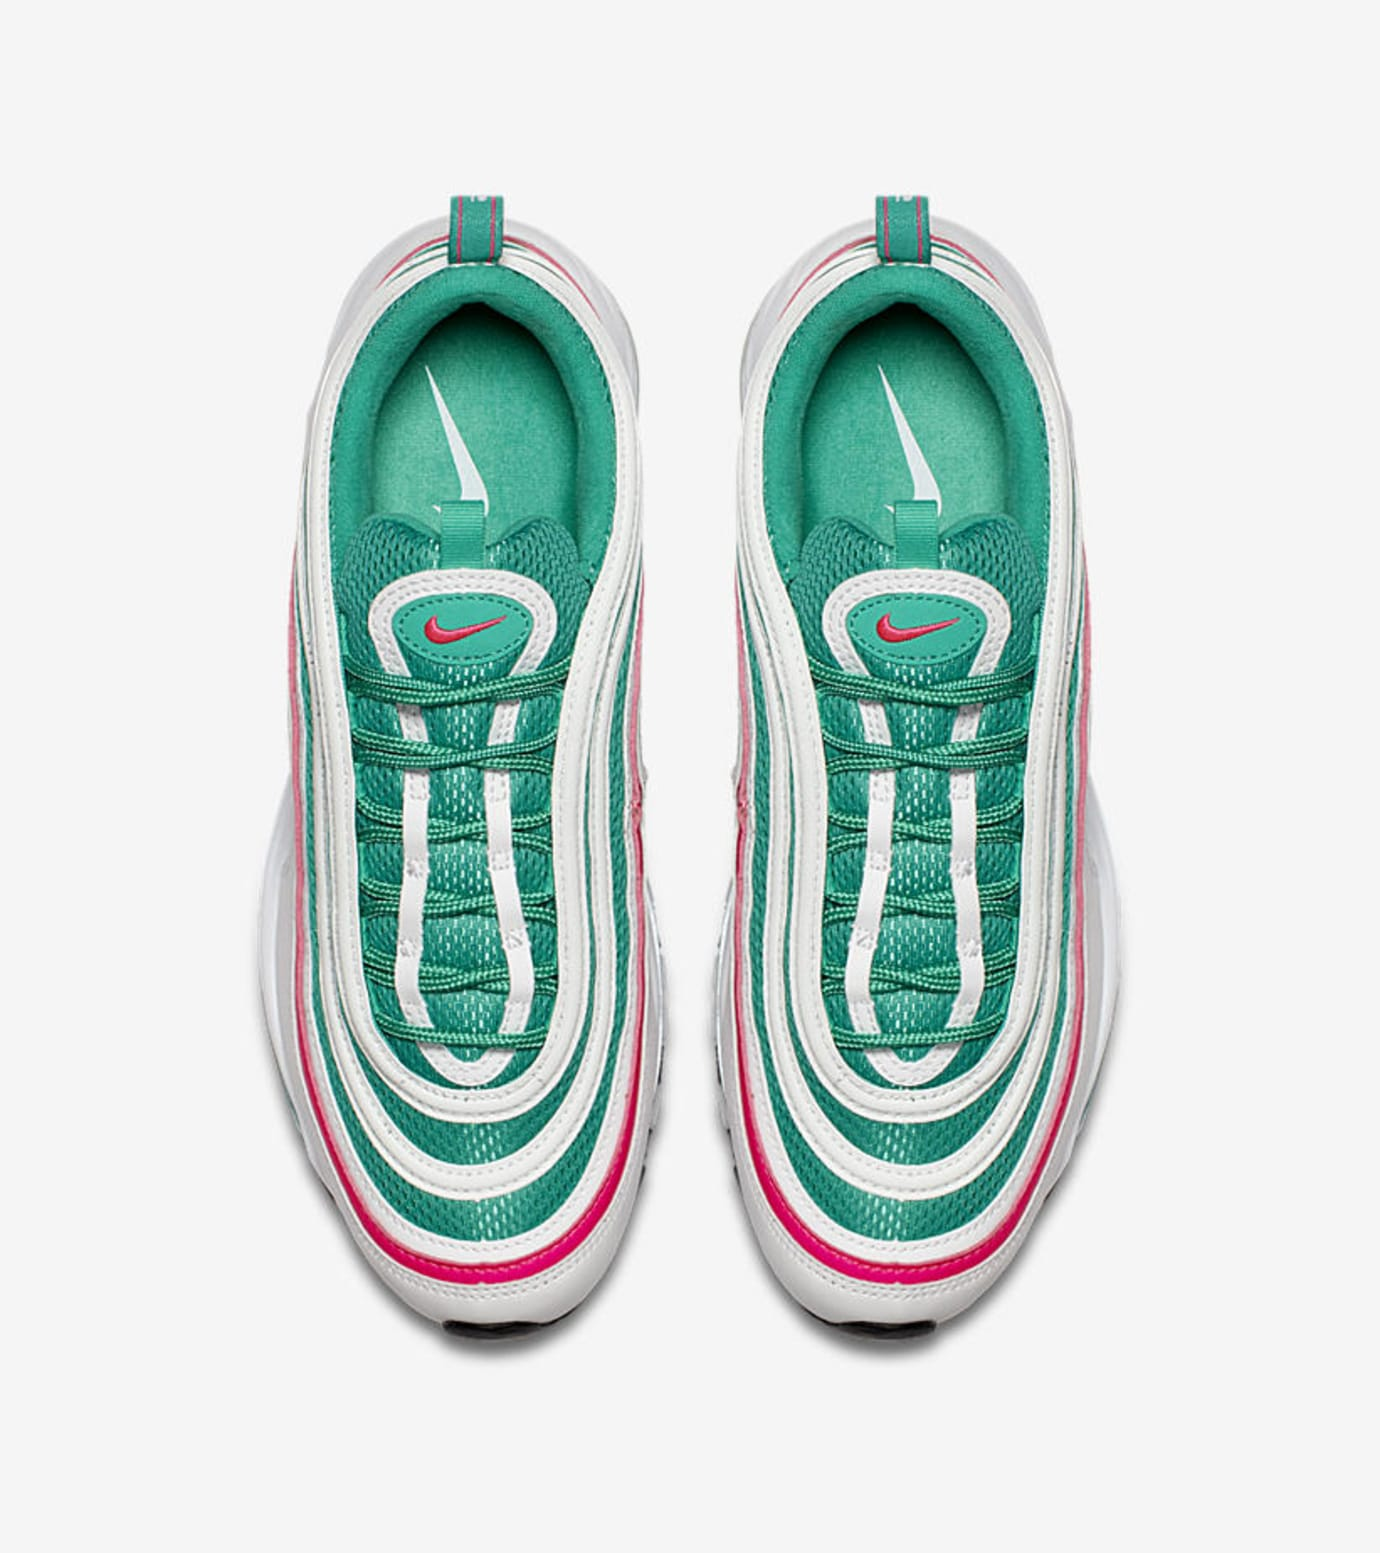 8fb055b80a1 Nike Air Max 97  South Beach  White Kinetic Green Pink Blast 921826 ...